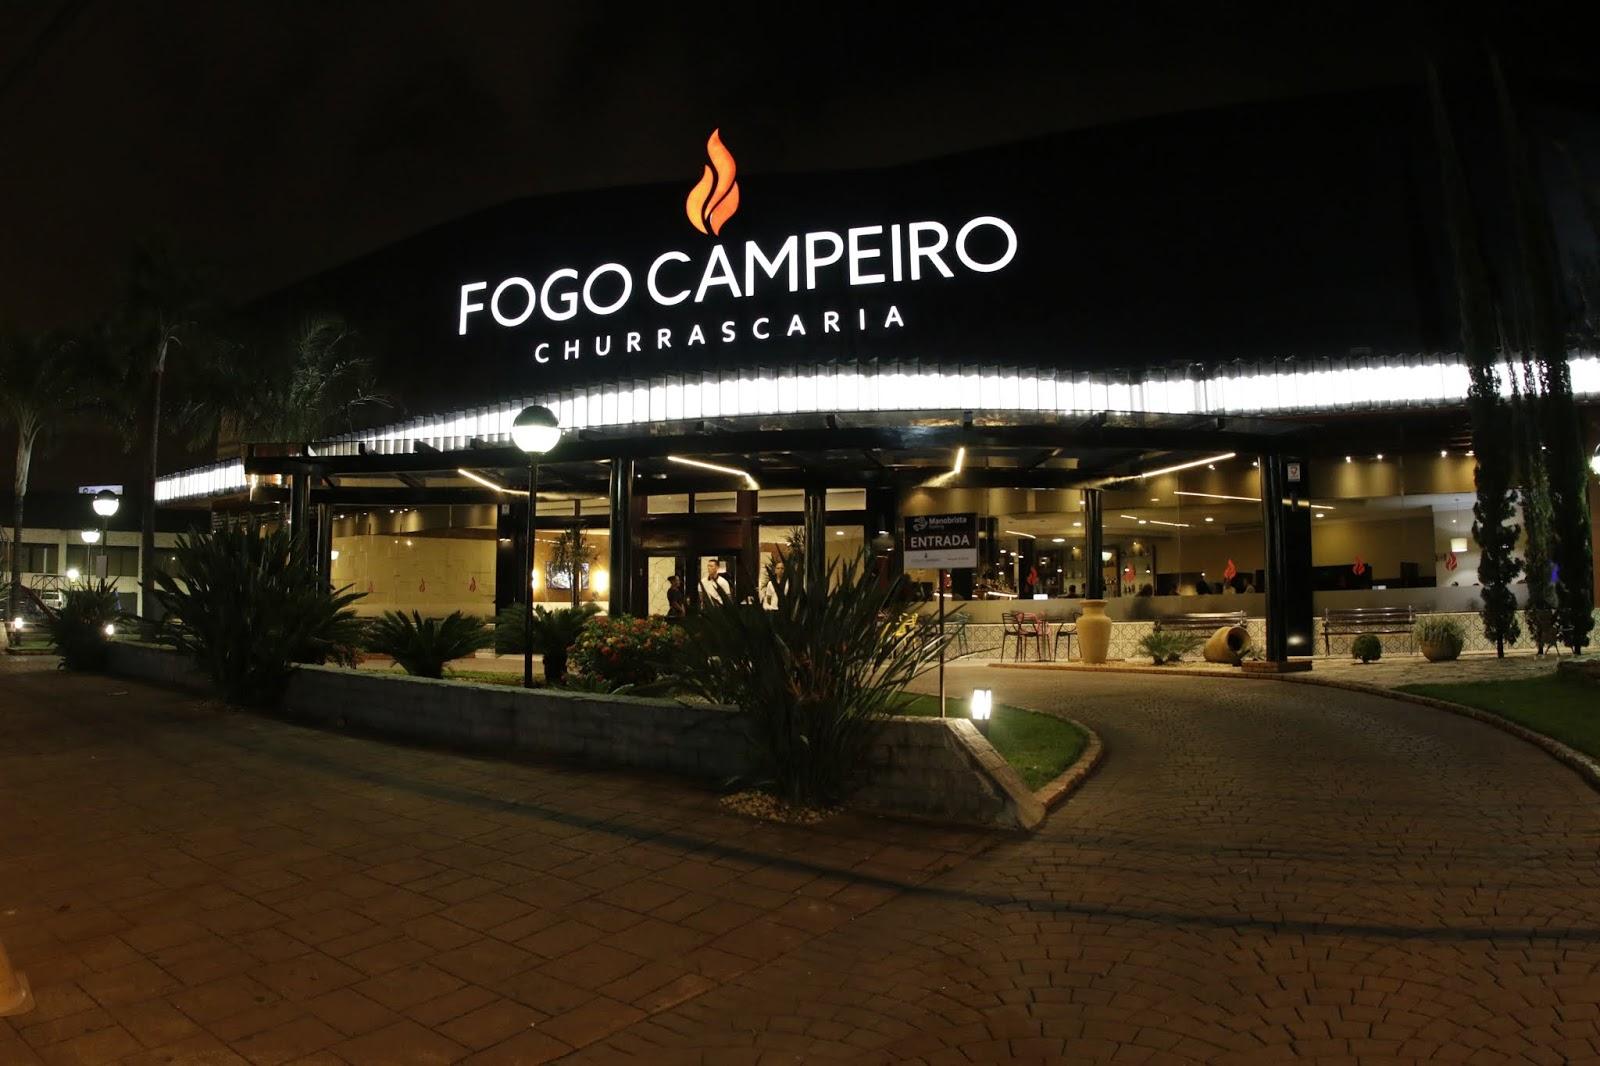 Rede de Churrascarias Fogo Campeiro inaugura quinta unidade em Brasília